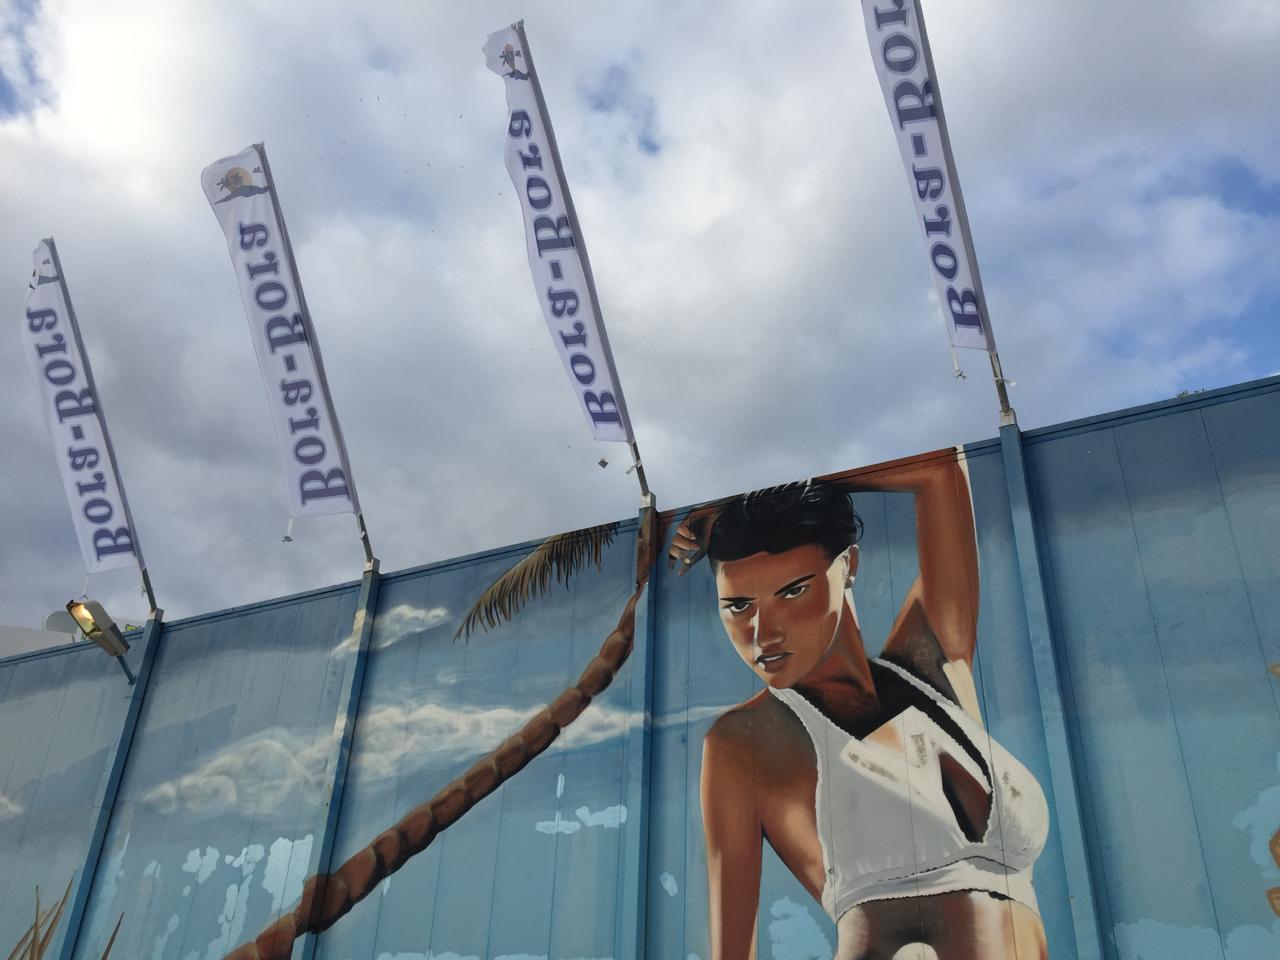 DJ im Bora Bora werde ich wiegesagt in den Roaring 20ies 2.0